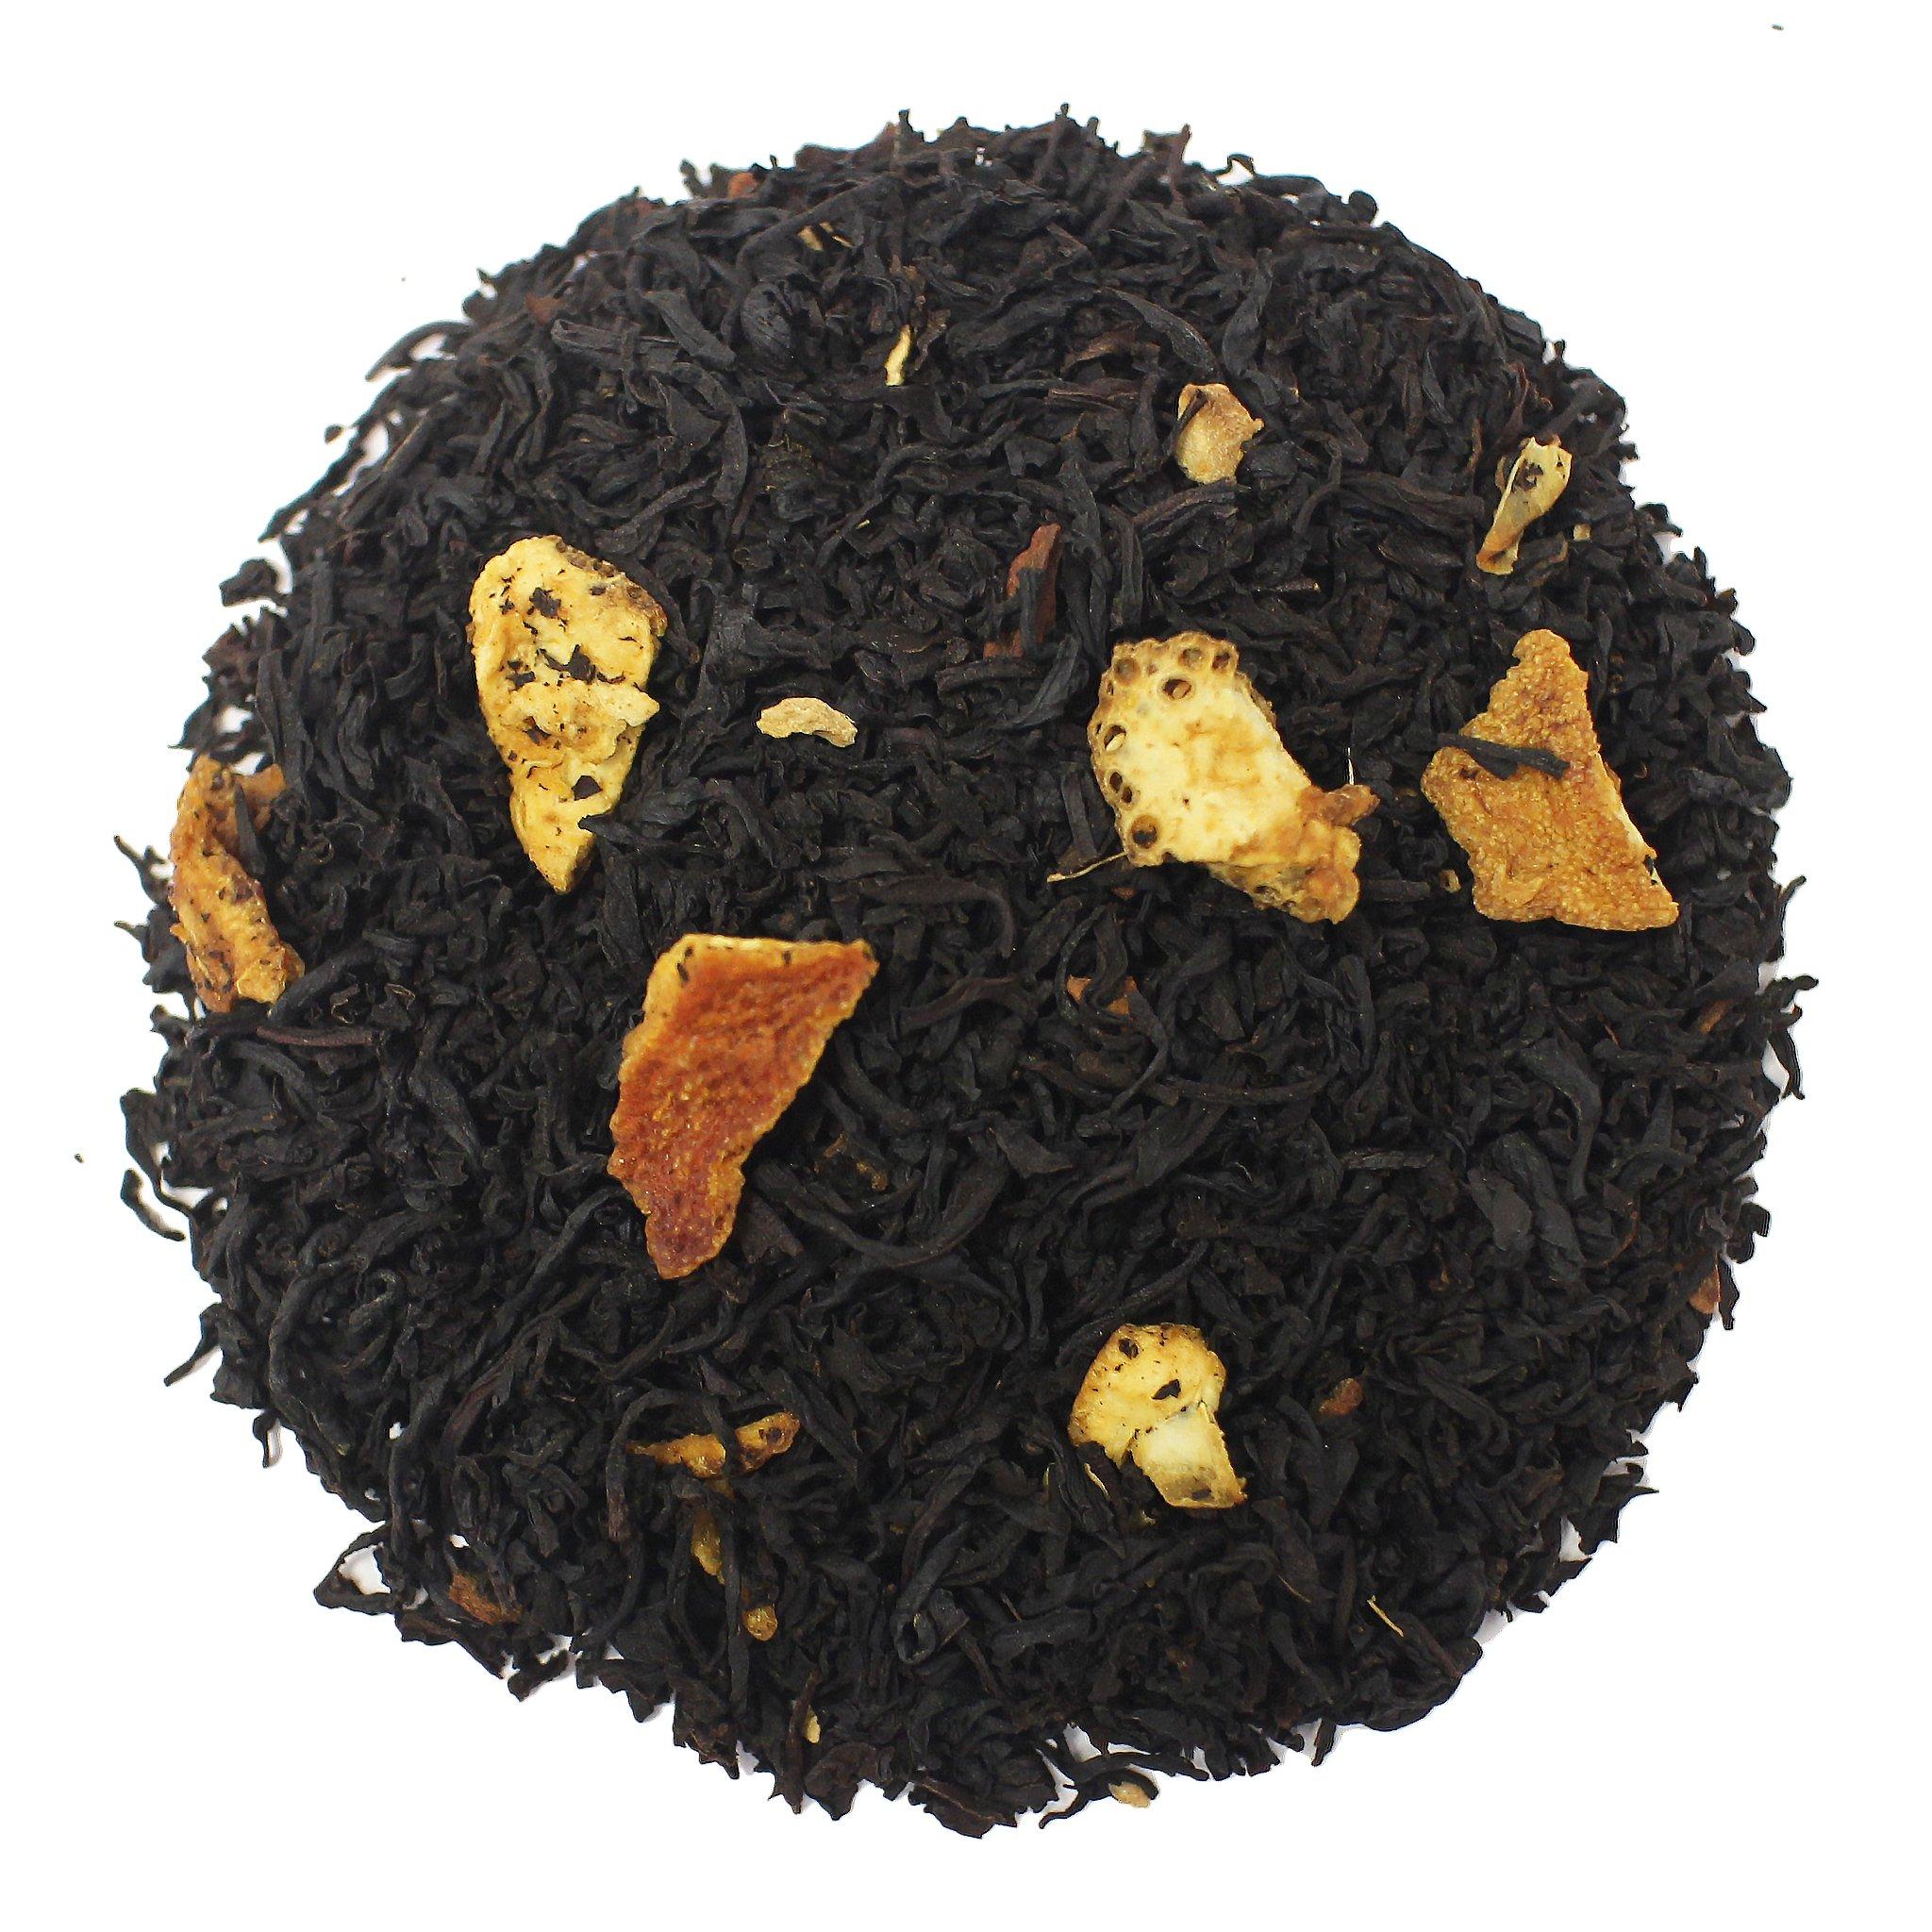 The Tea Farm - Gingerbread Black Holiday Tea - Loose Leaf Black Tea (16 Ounce Bag) by The Tea Farm